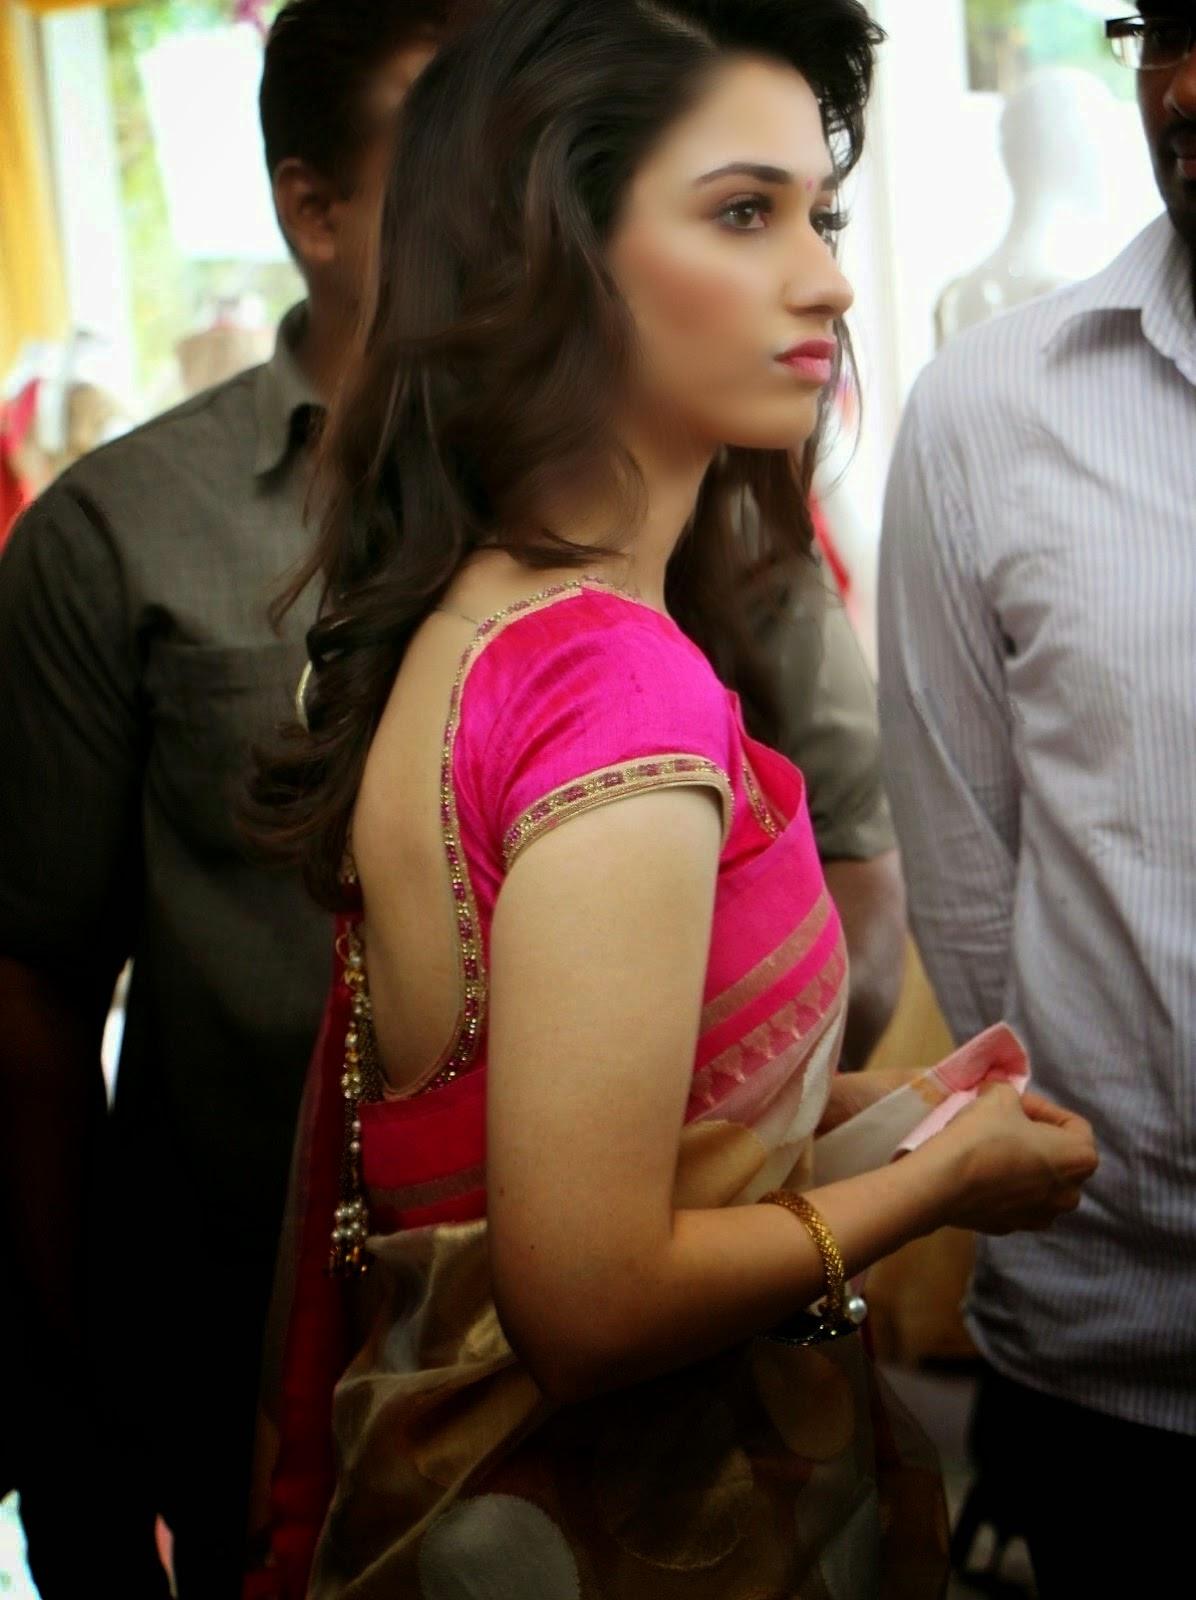 Tamil Actress Sri Divya HD Photos - indianactressphotos.in